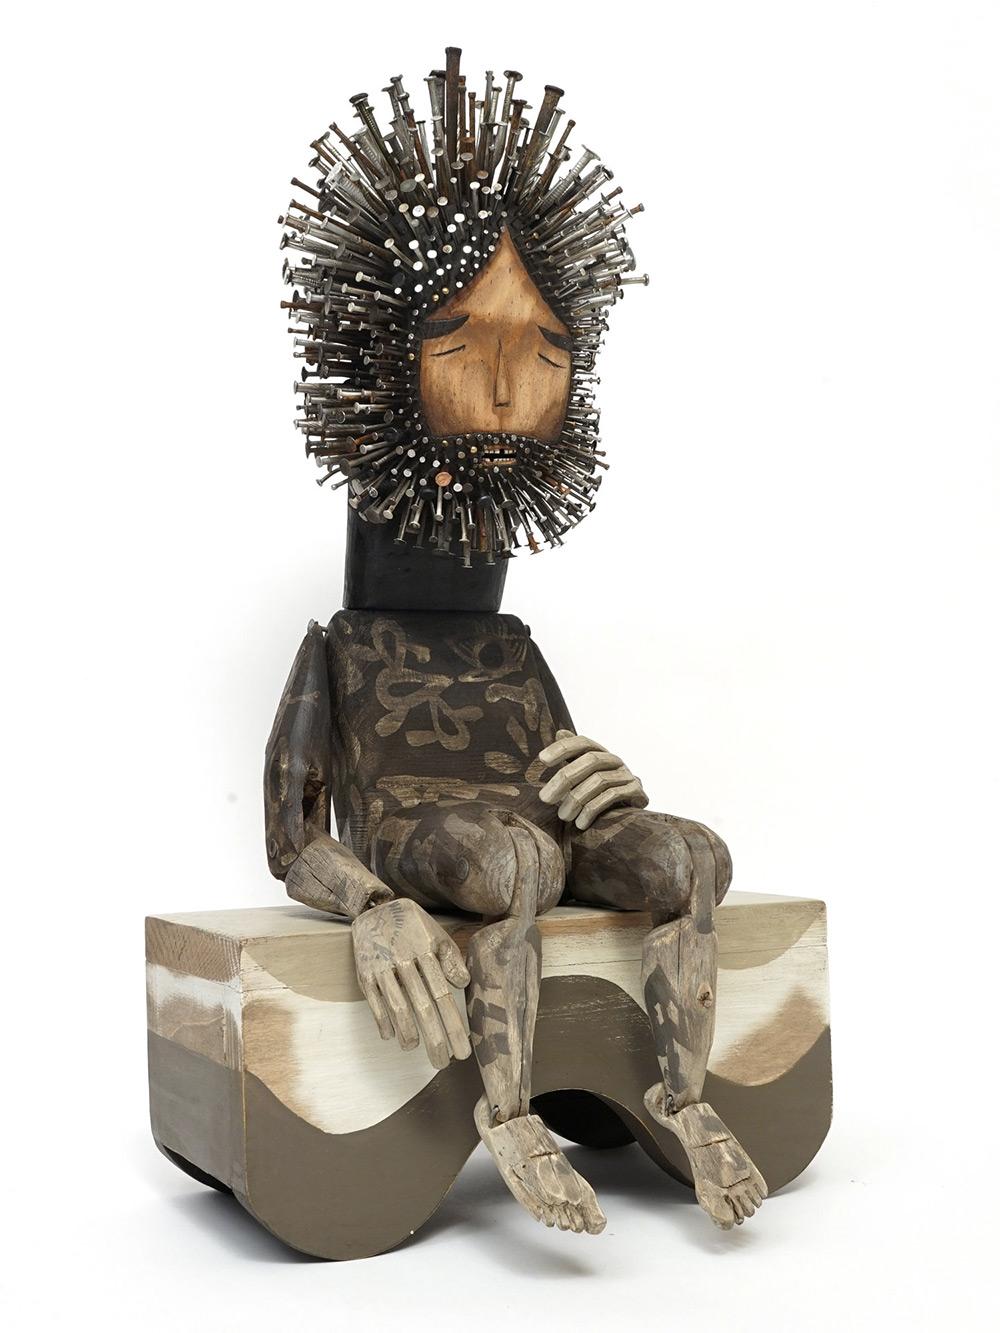 Nailhead by Jaime Molina